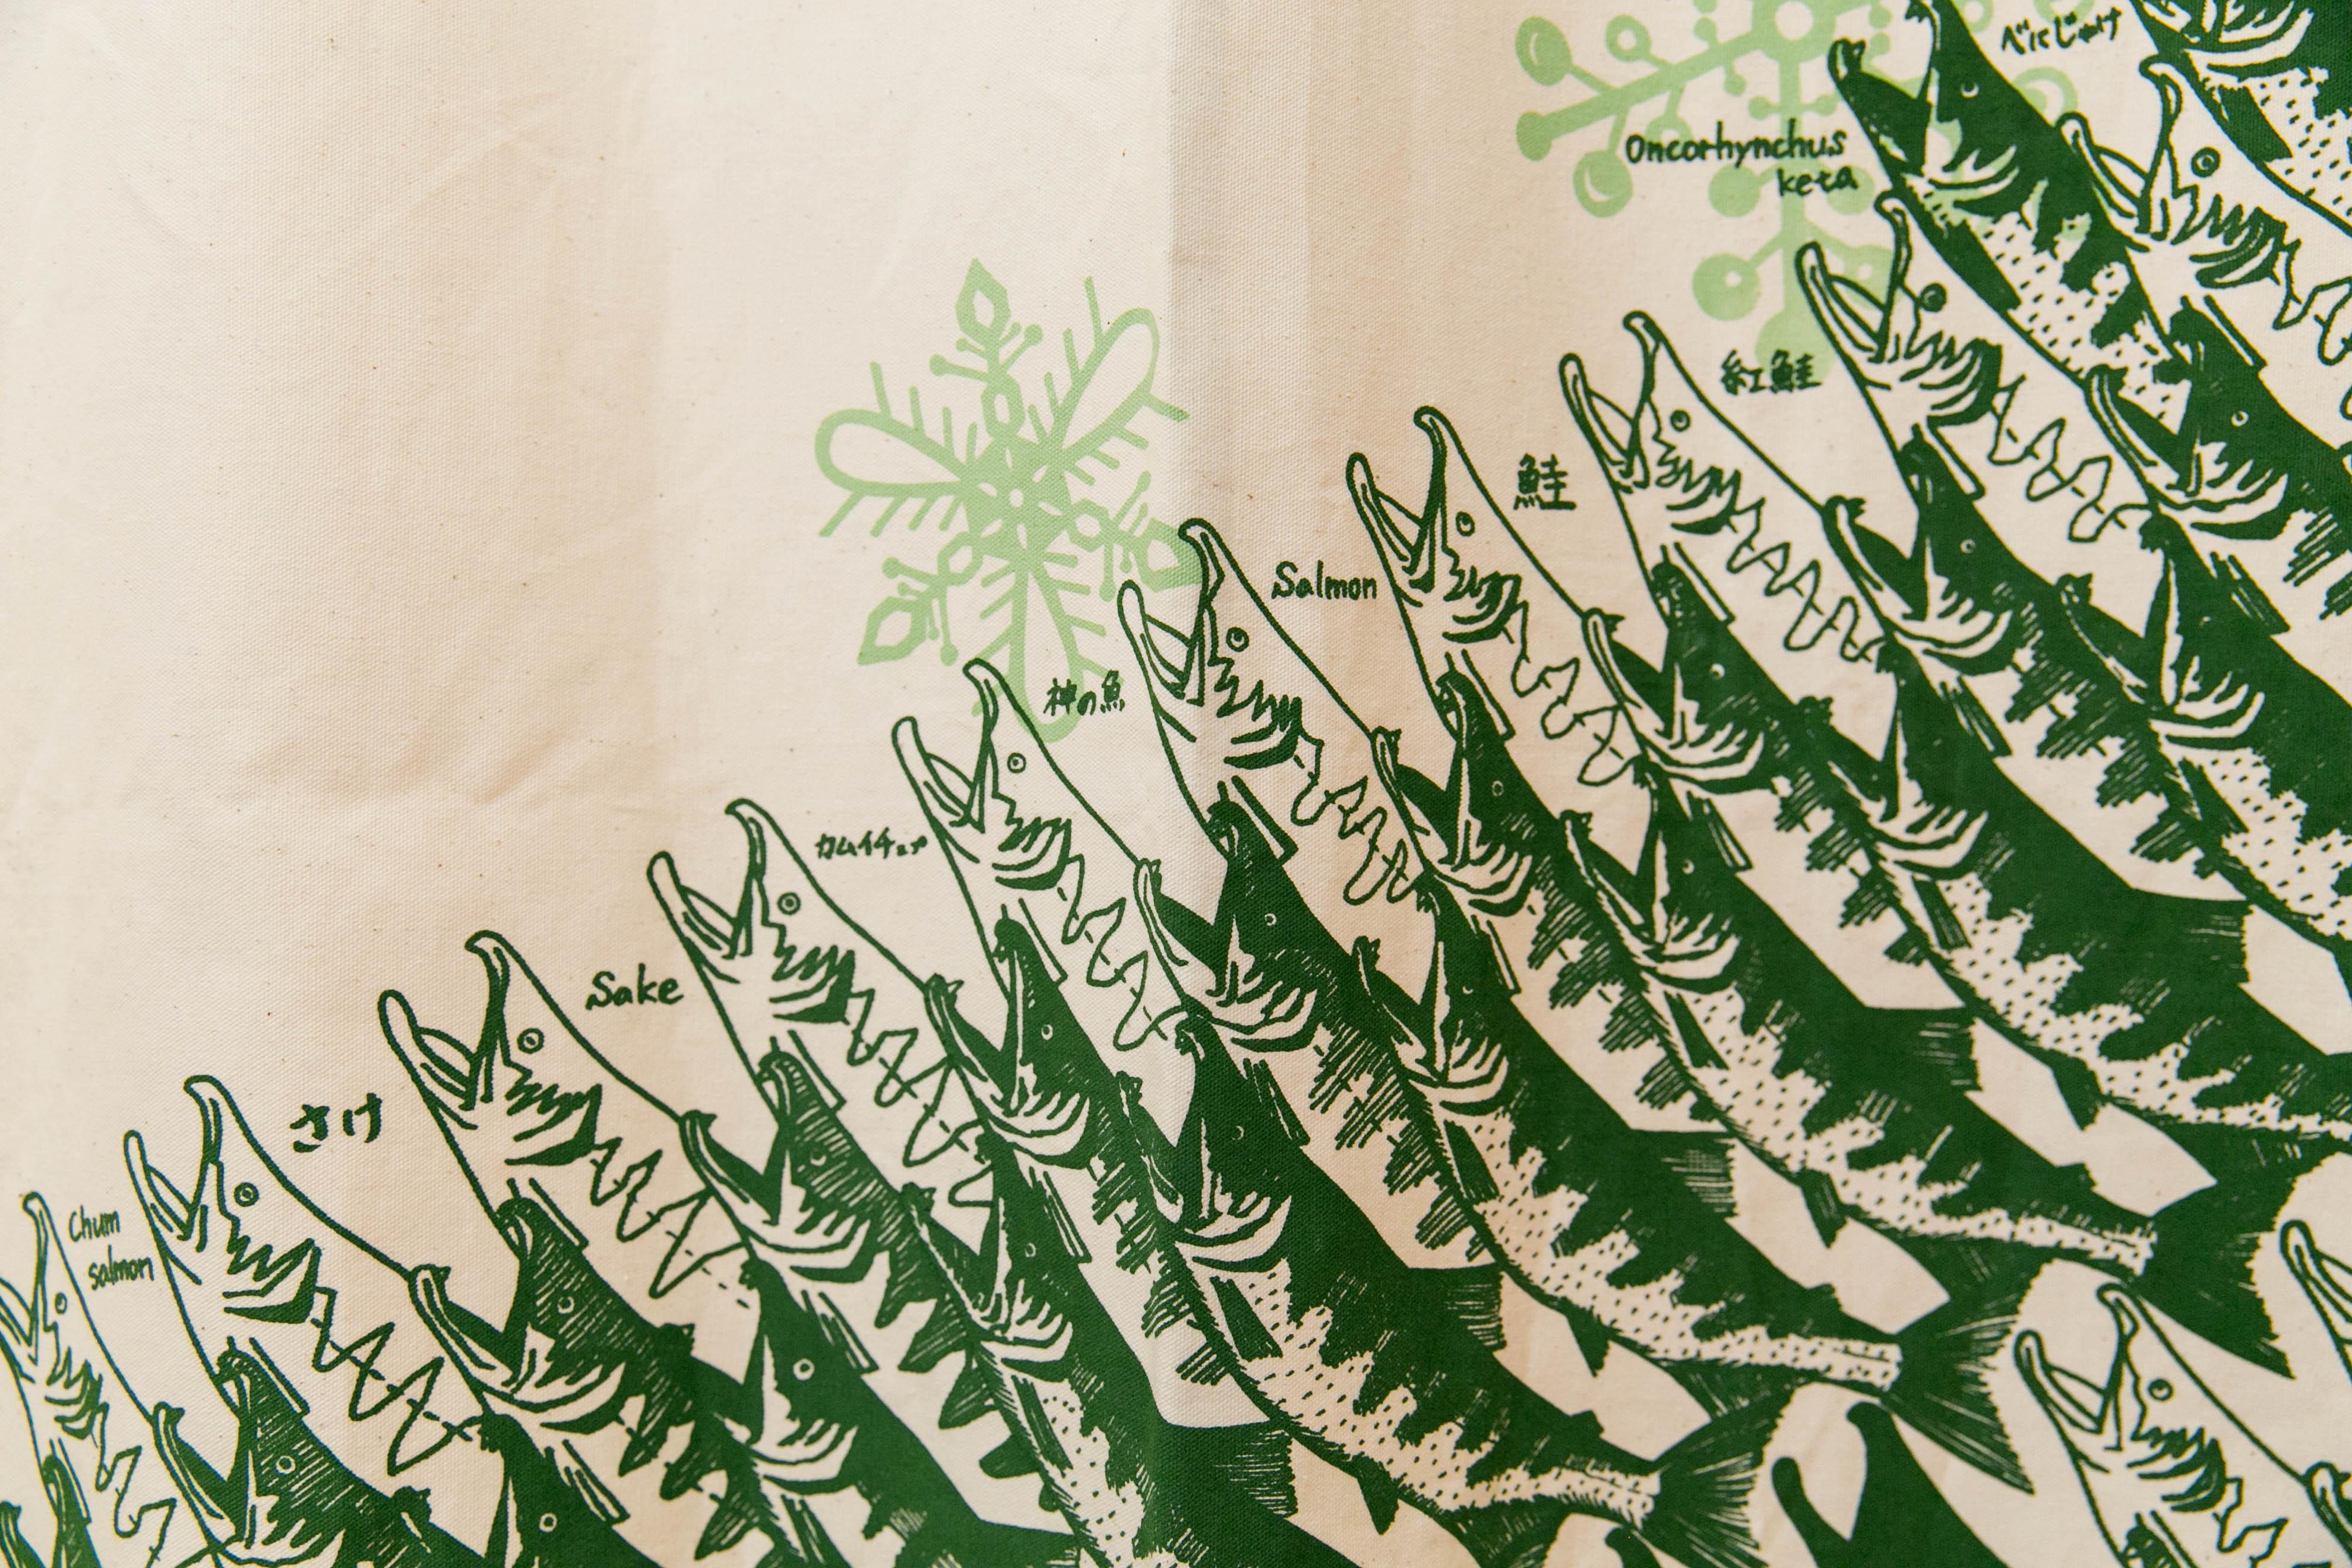 札幌ゲストハウスyuyuのカーテン(鮭)